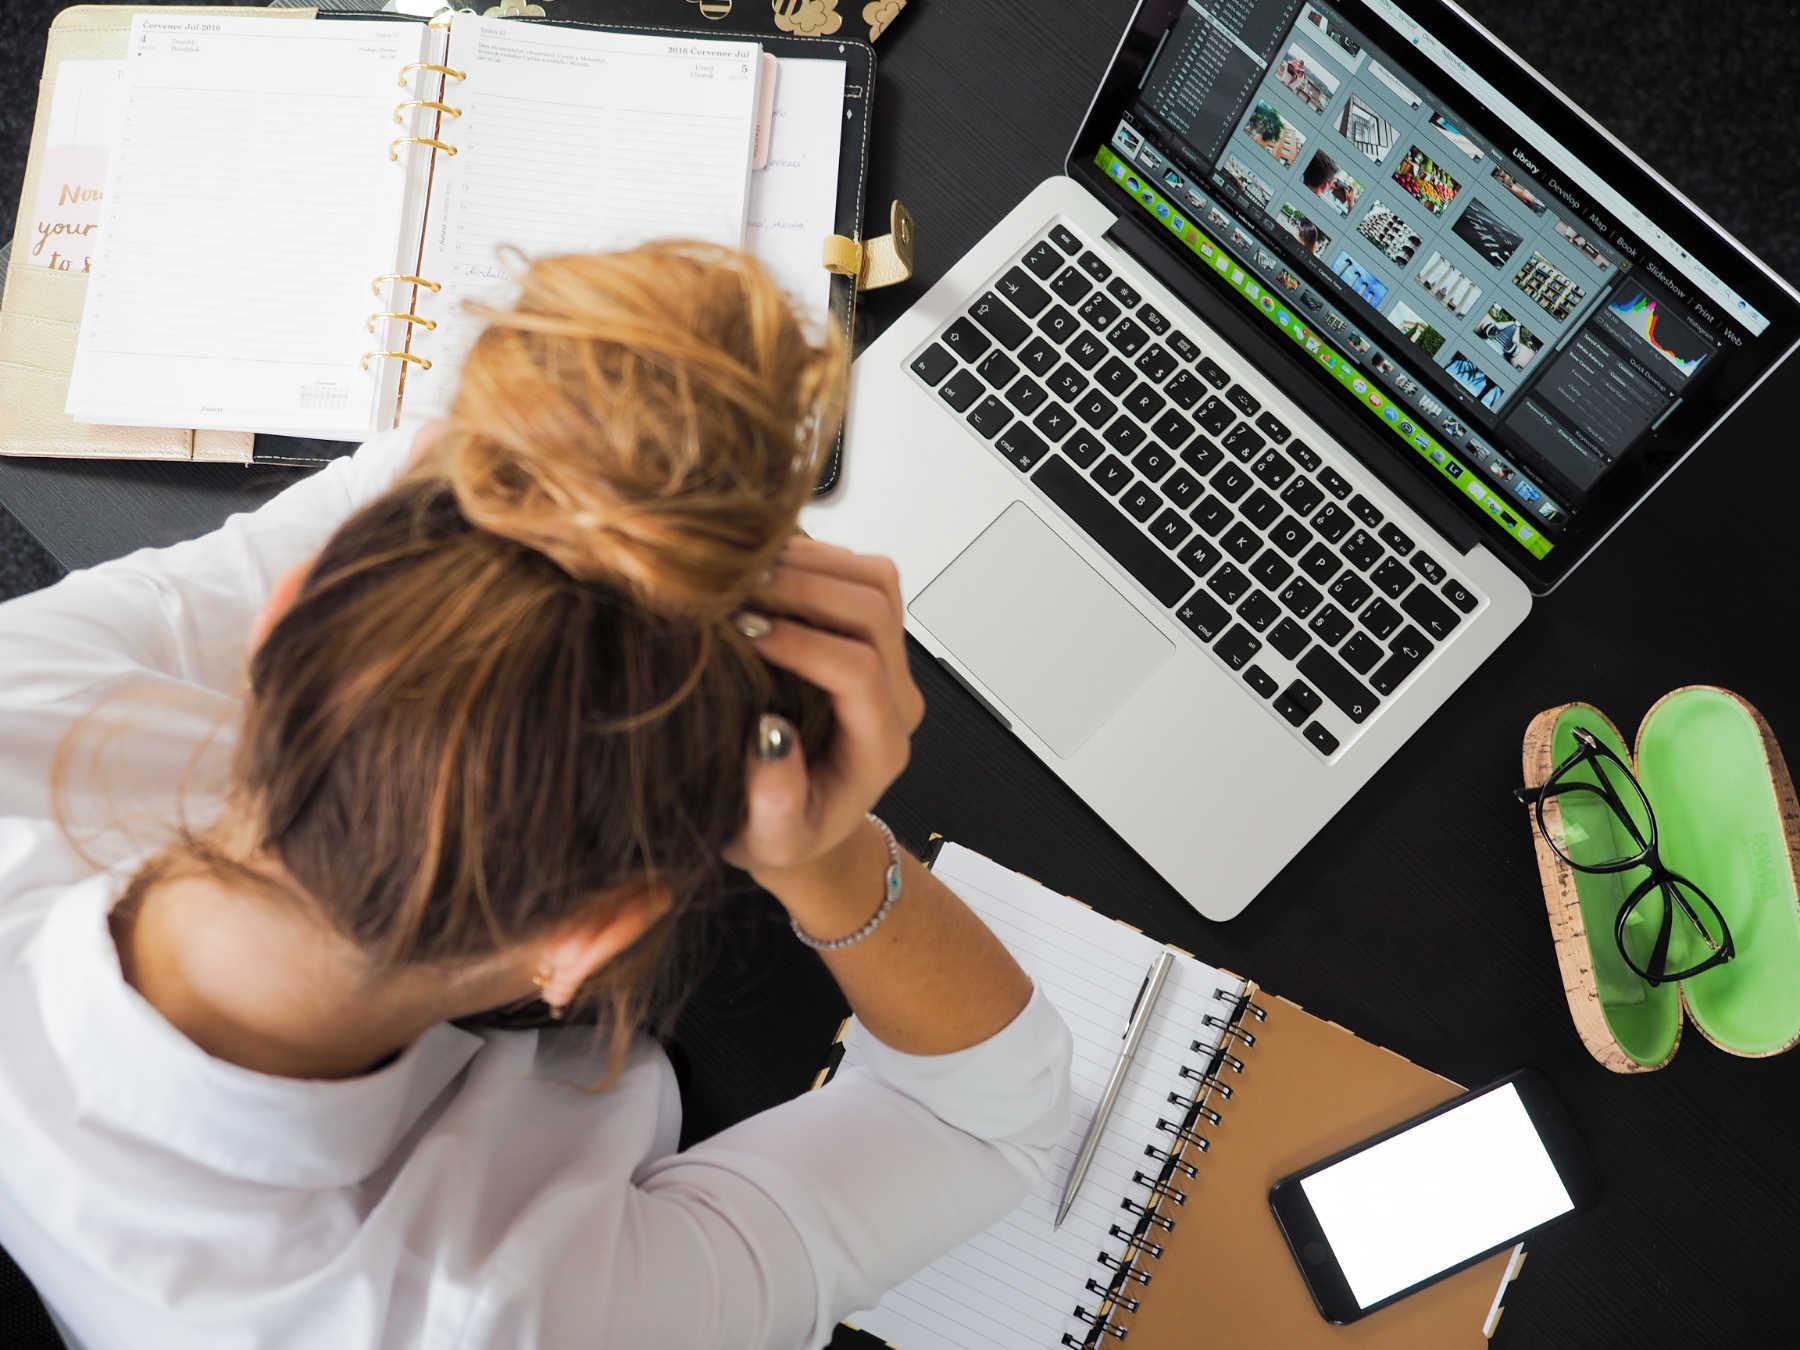 Un temps excessif devant les écrans est lié à la dépression et au suicide chez les adolescents